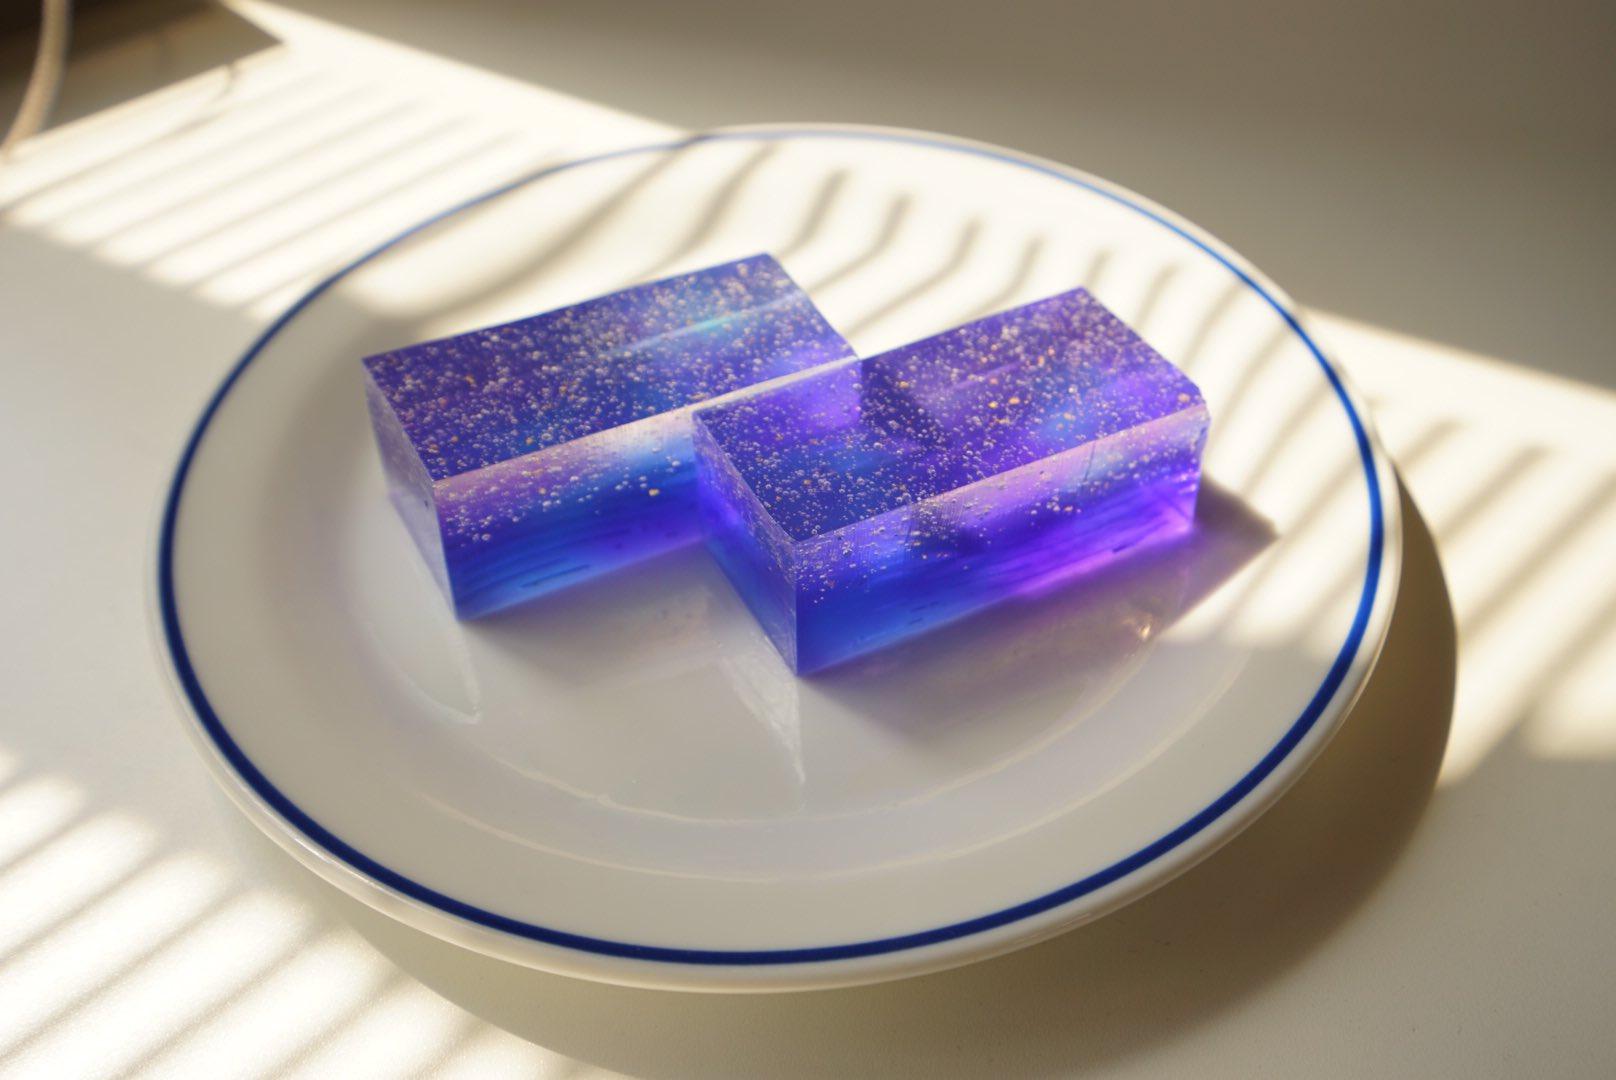 """【星降る夜に】山形で購入した「和菓子」が """"ため息が出るほど"""" 美しい!"""